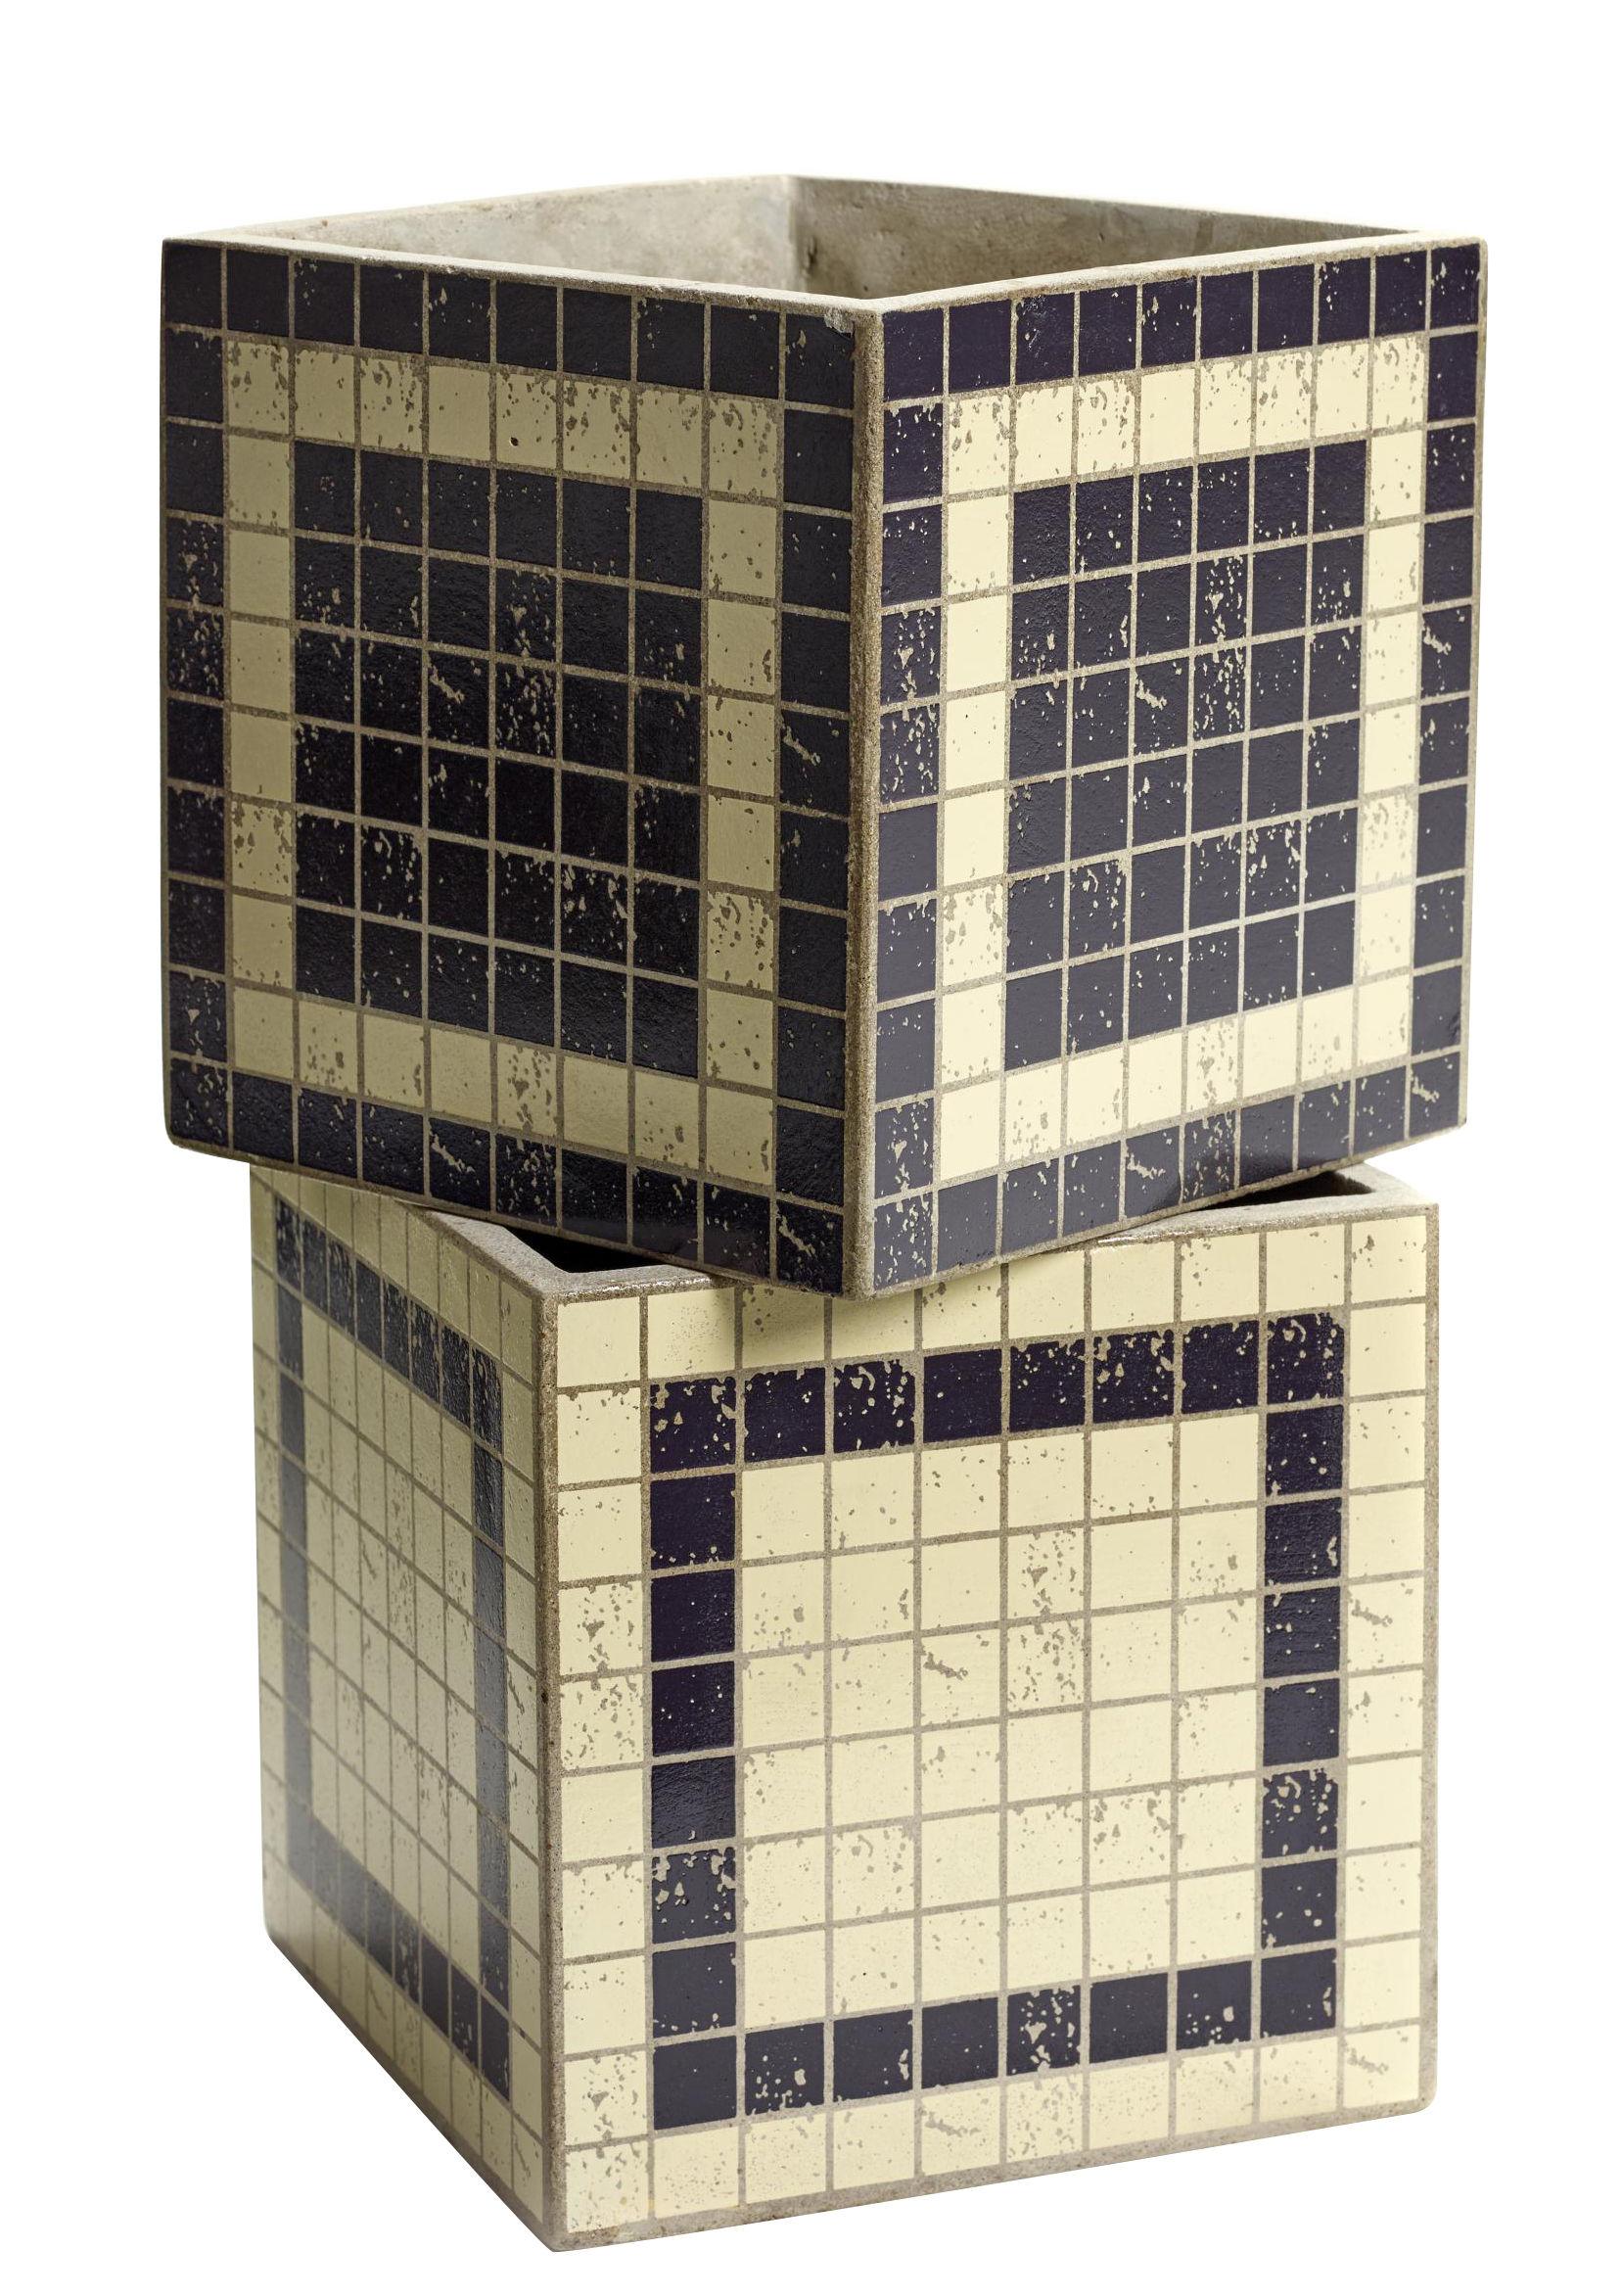 Déco - Pots et plantes - Pot Marie Mosaïque / 17x17 cm - Set de 2 - Serax - Beige & noir - Béton émaillé